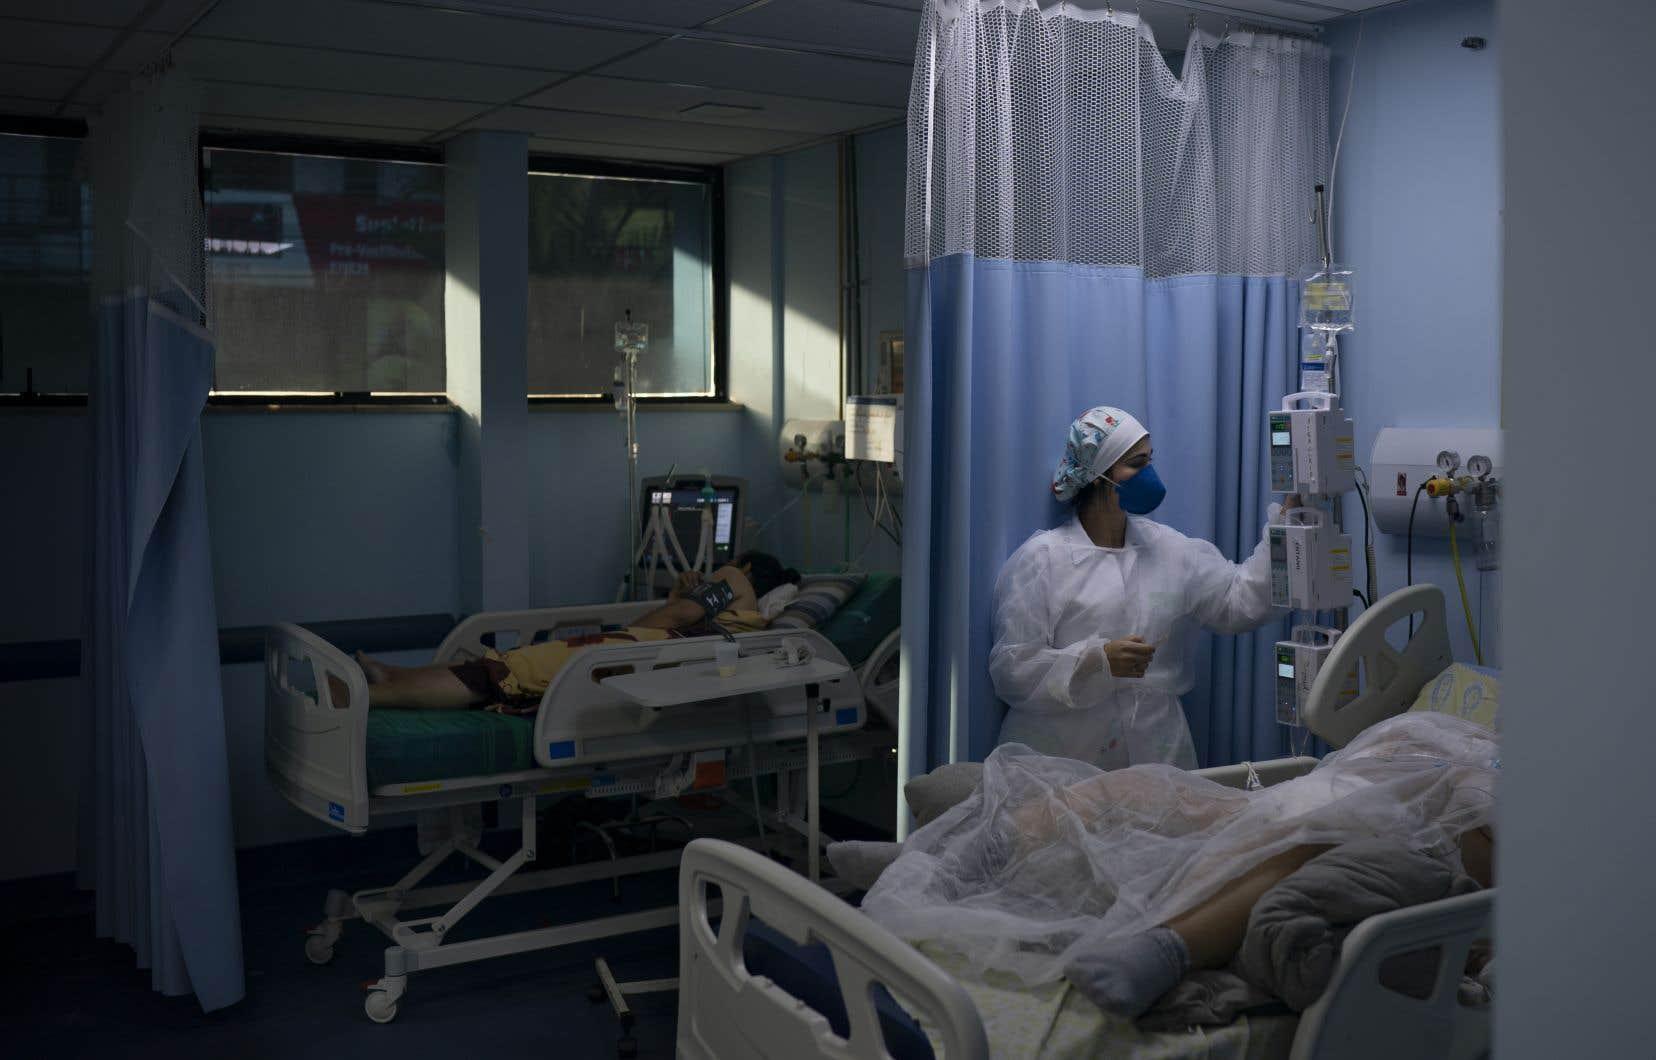 Des patients infectés par la COVID-19 sont traités à l'hôpital de São João de Meriti, au Brésil.